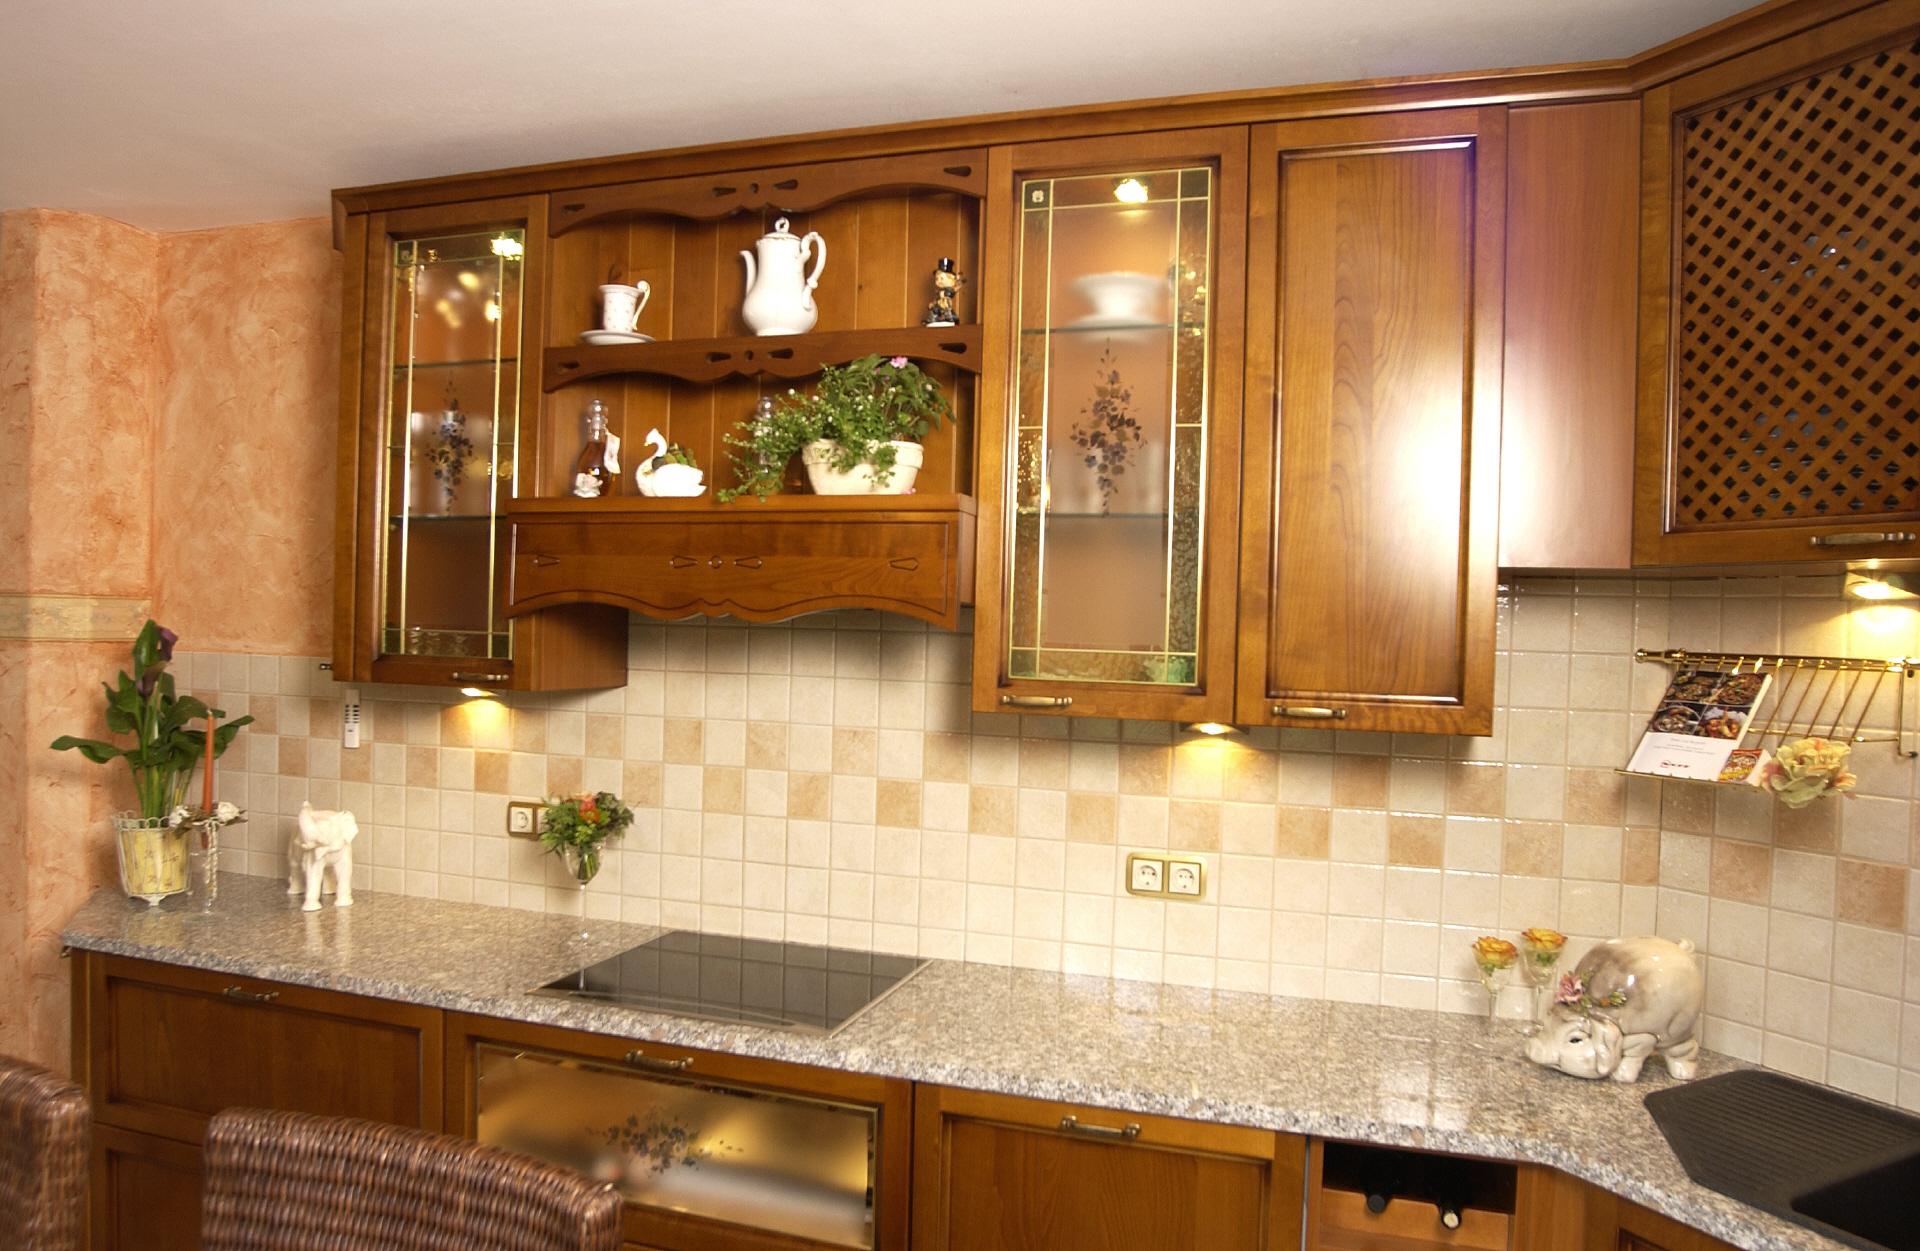 Klassische Küche klassische küchen päsentiert vom küchenprofi küchenherbert aus storkow